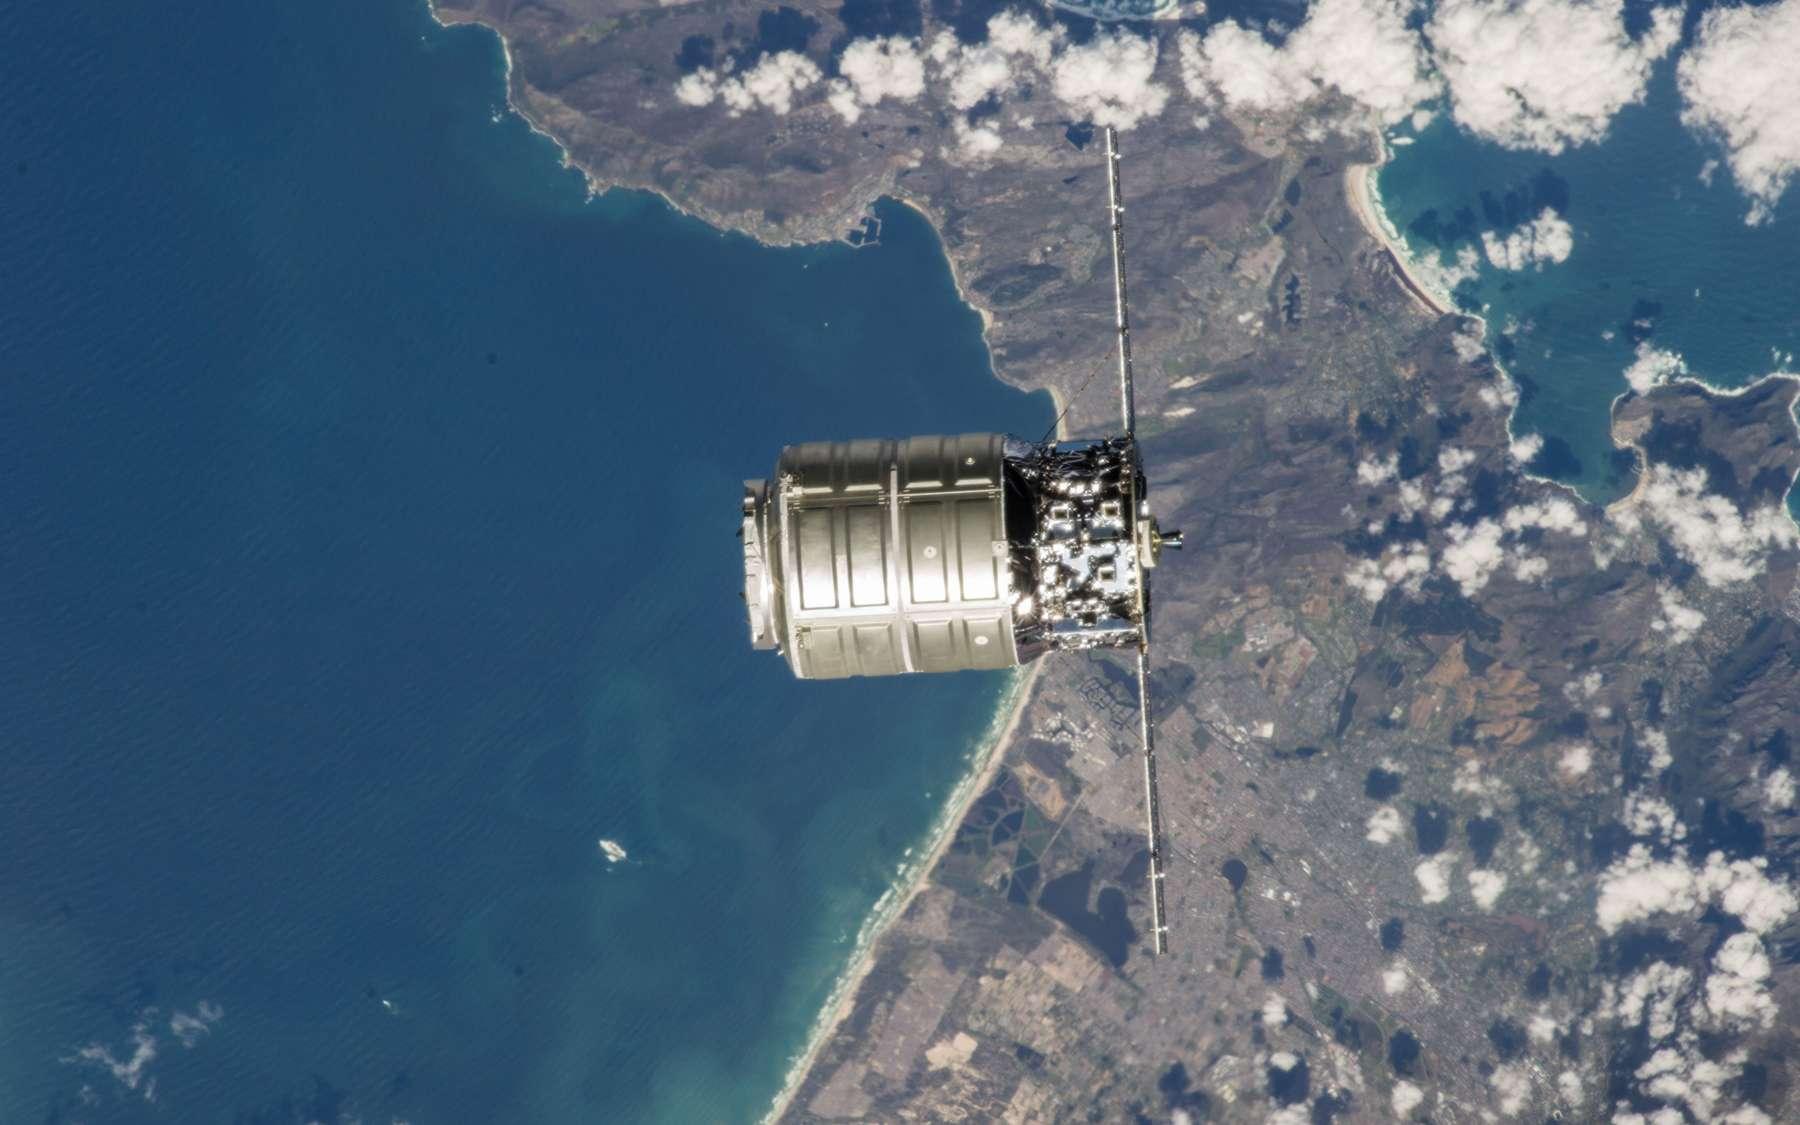 Cette première mission du système de transport d'Orbital Sciences à destination de l'ISS a ravi la Nasa. L'agence spatiale américaine peut donc désormais compter sur ses services et ceux de SpaceX pour ravitailler la Station. © Nasa